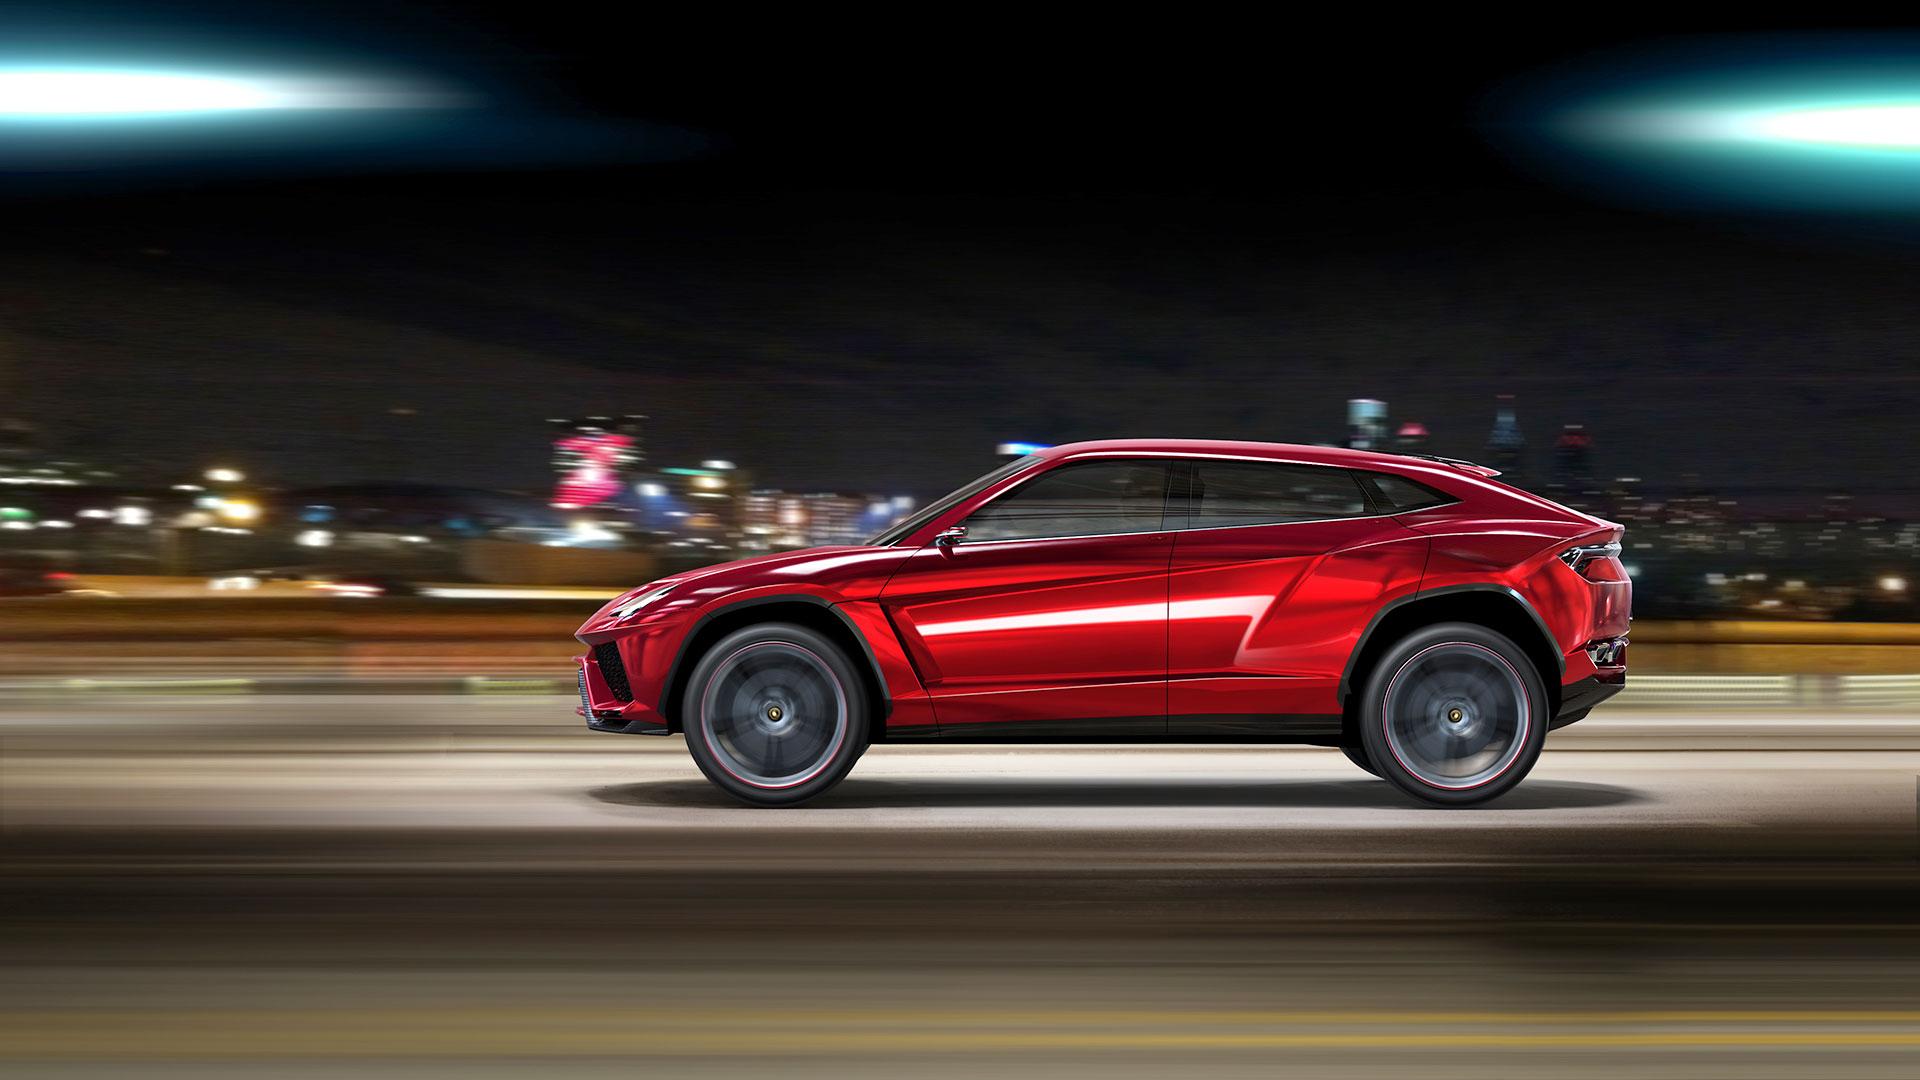 Lamborghini Urus-สวยงาม